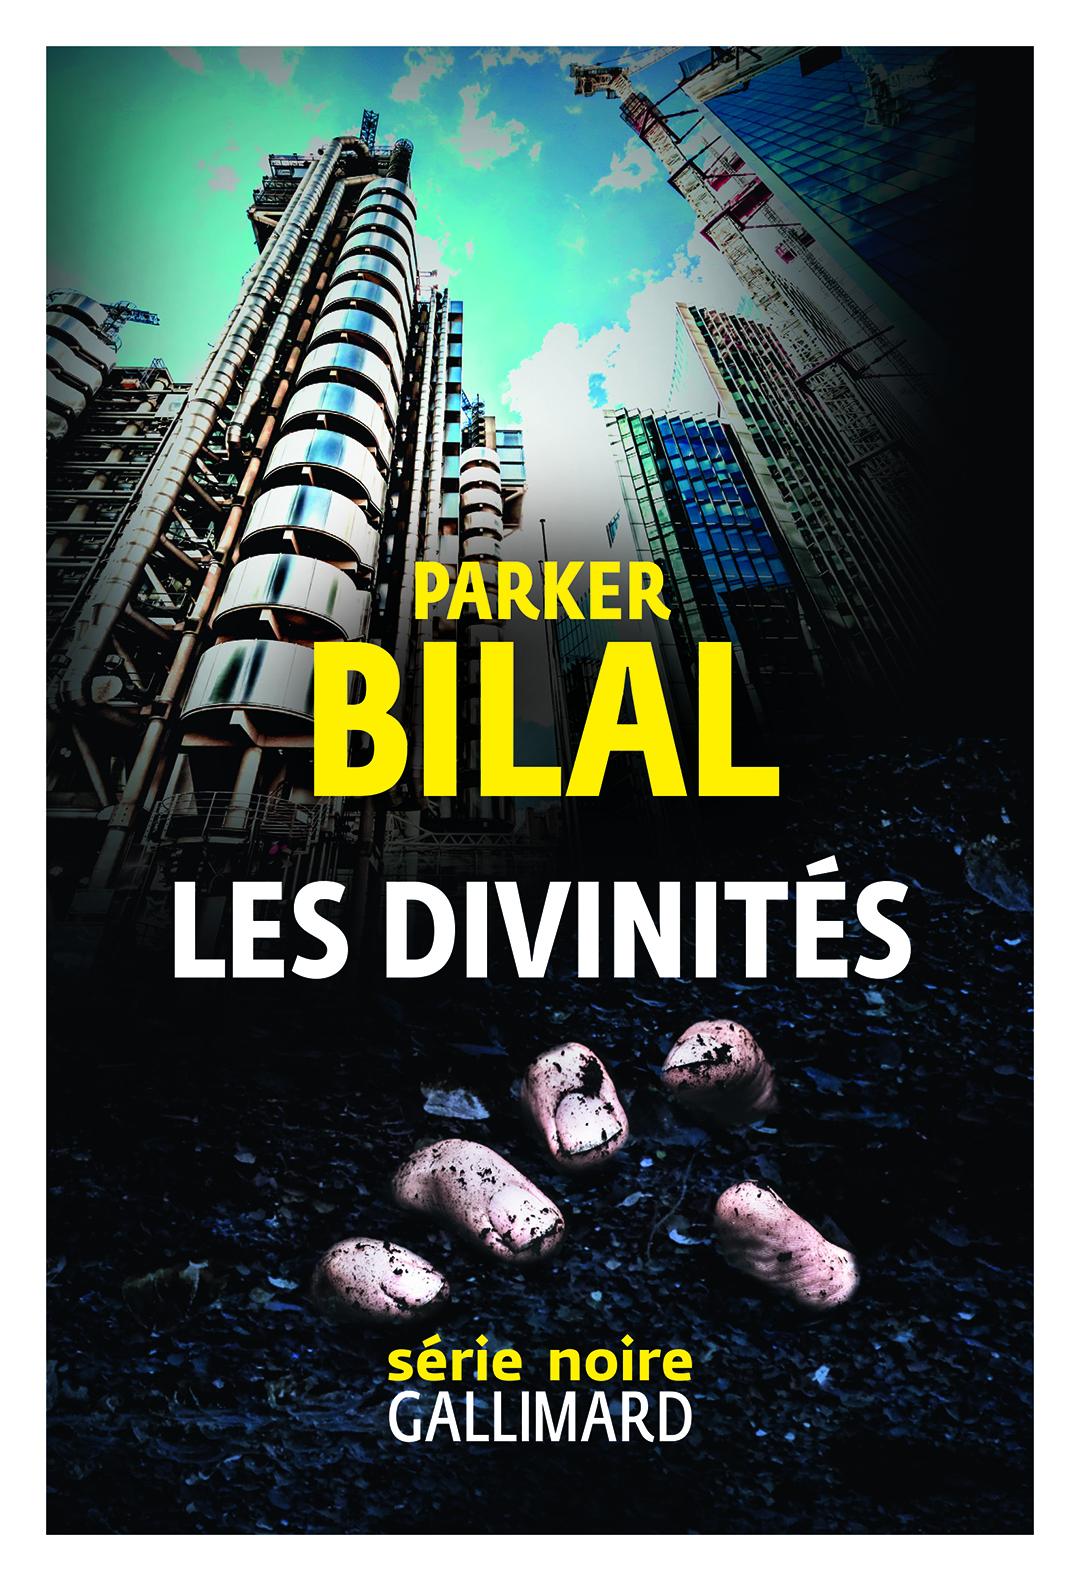 « Les divinités » de Parker Bilal, éd. Gallimard, 464 pages, 22 euros